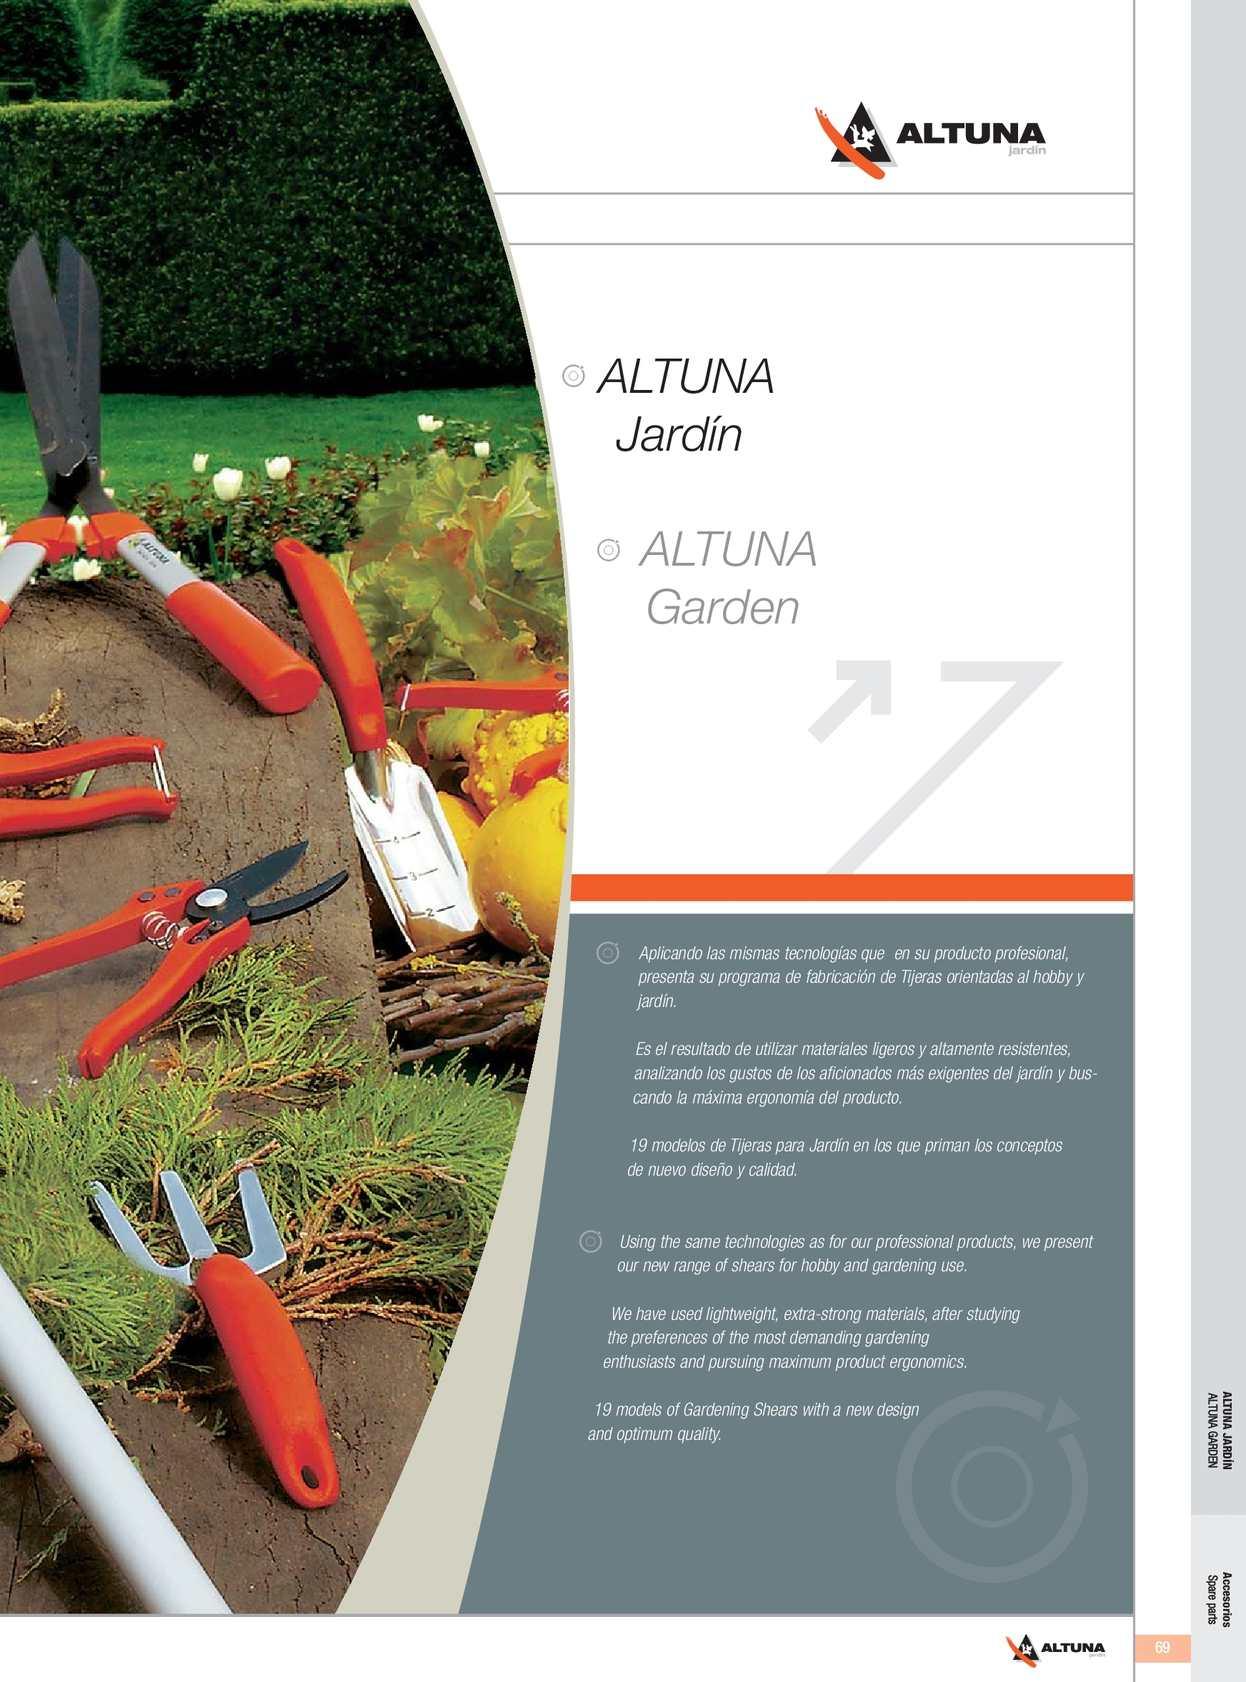 Catálogo Jardín Altuna 2013